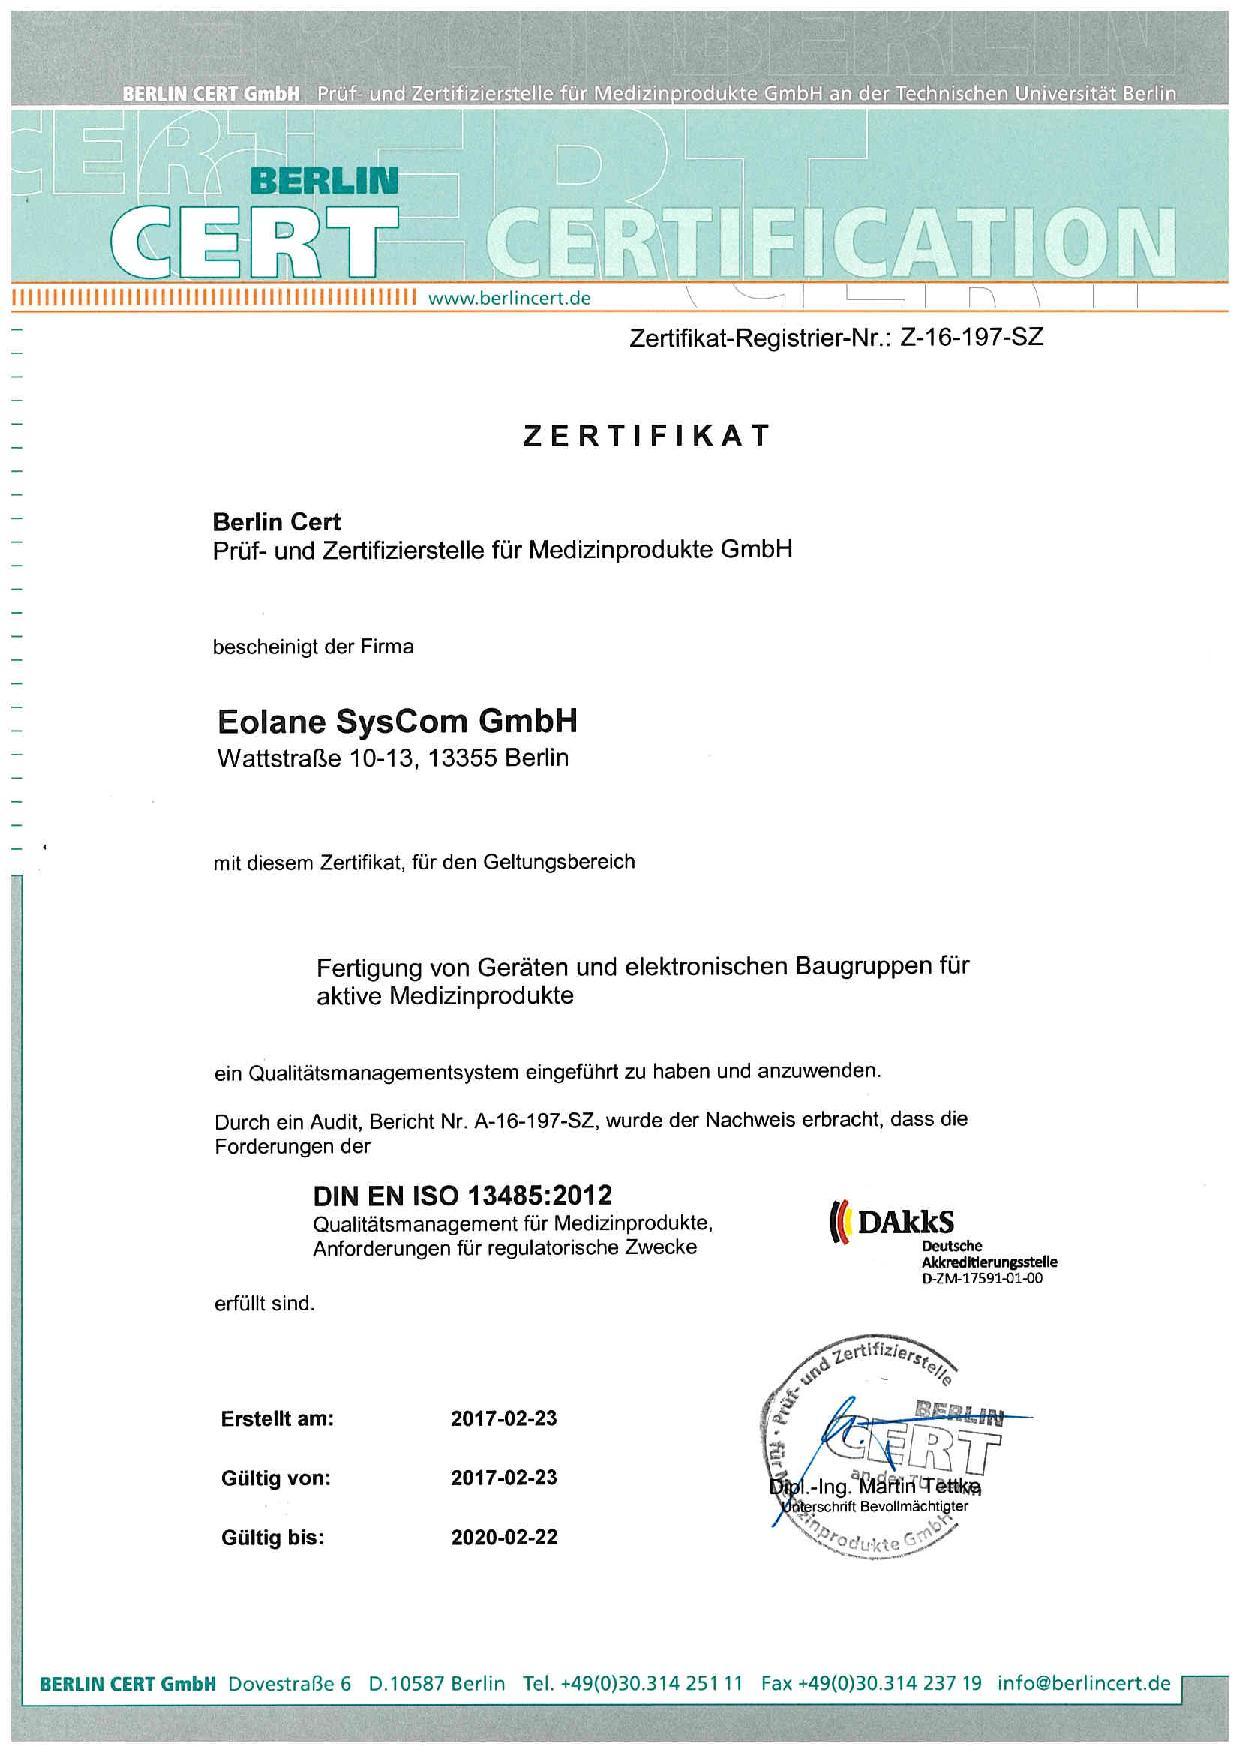 din-de-iso-13485-2012